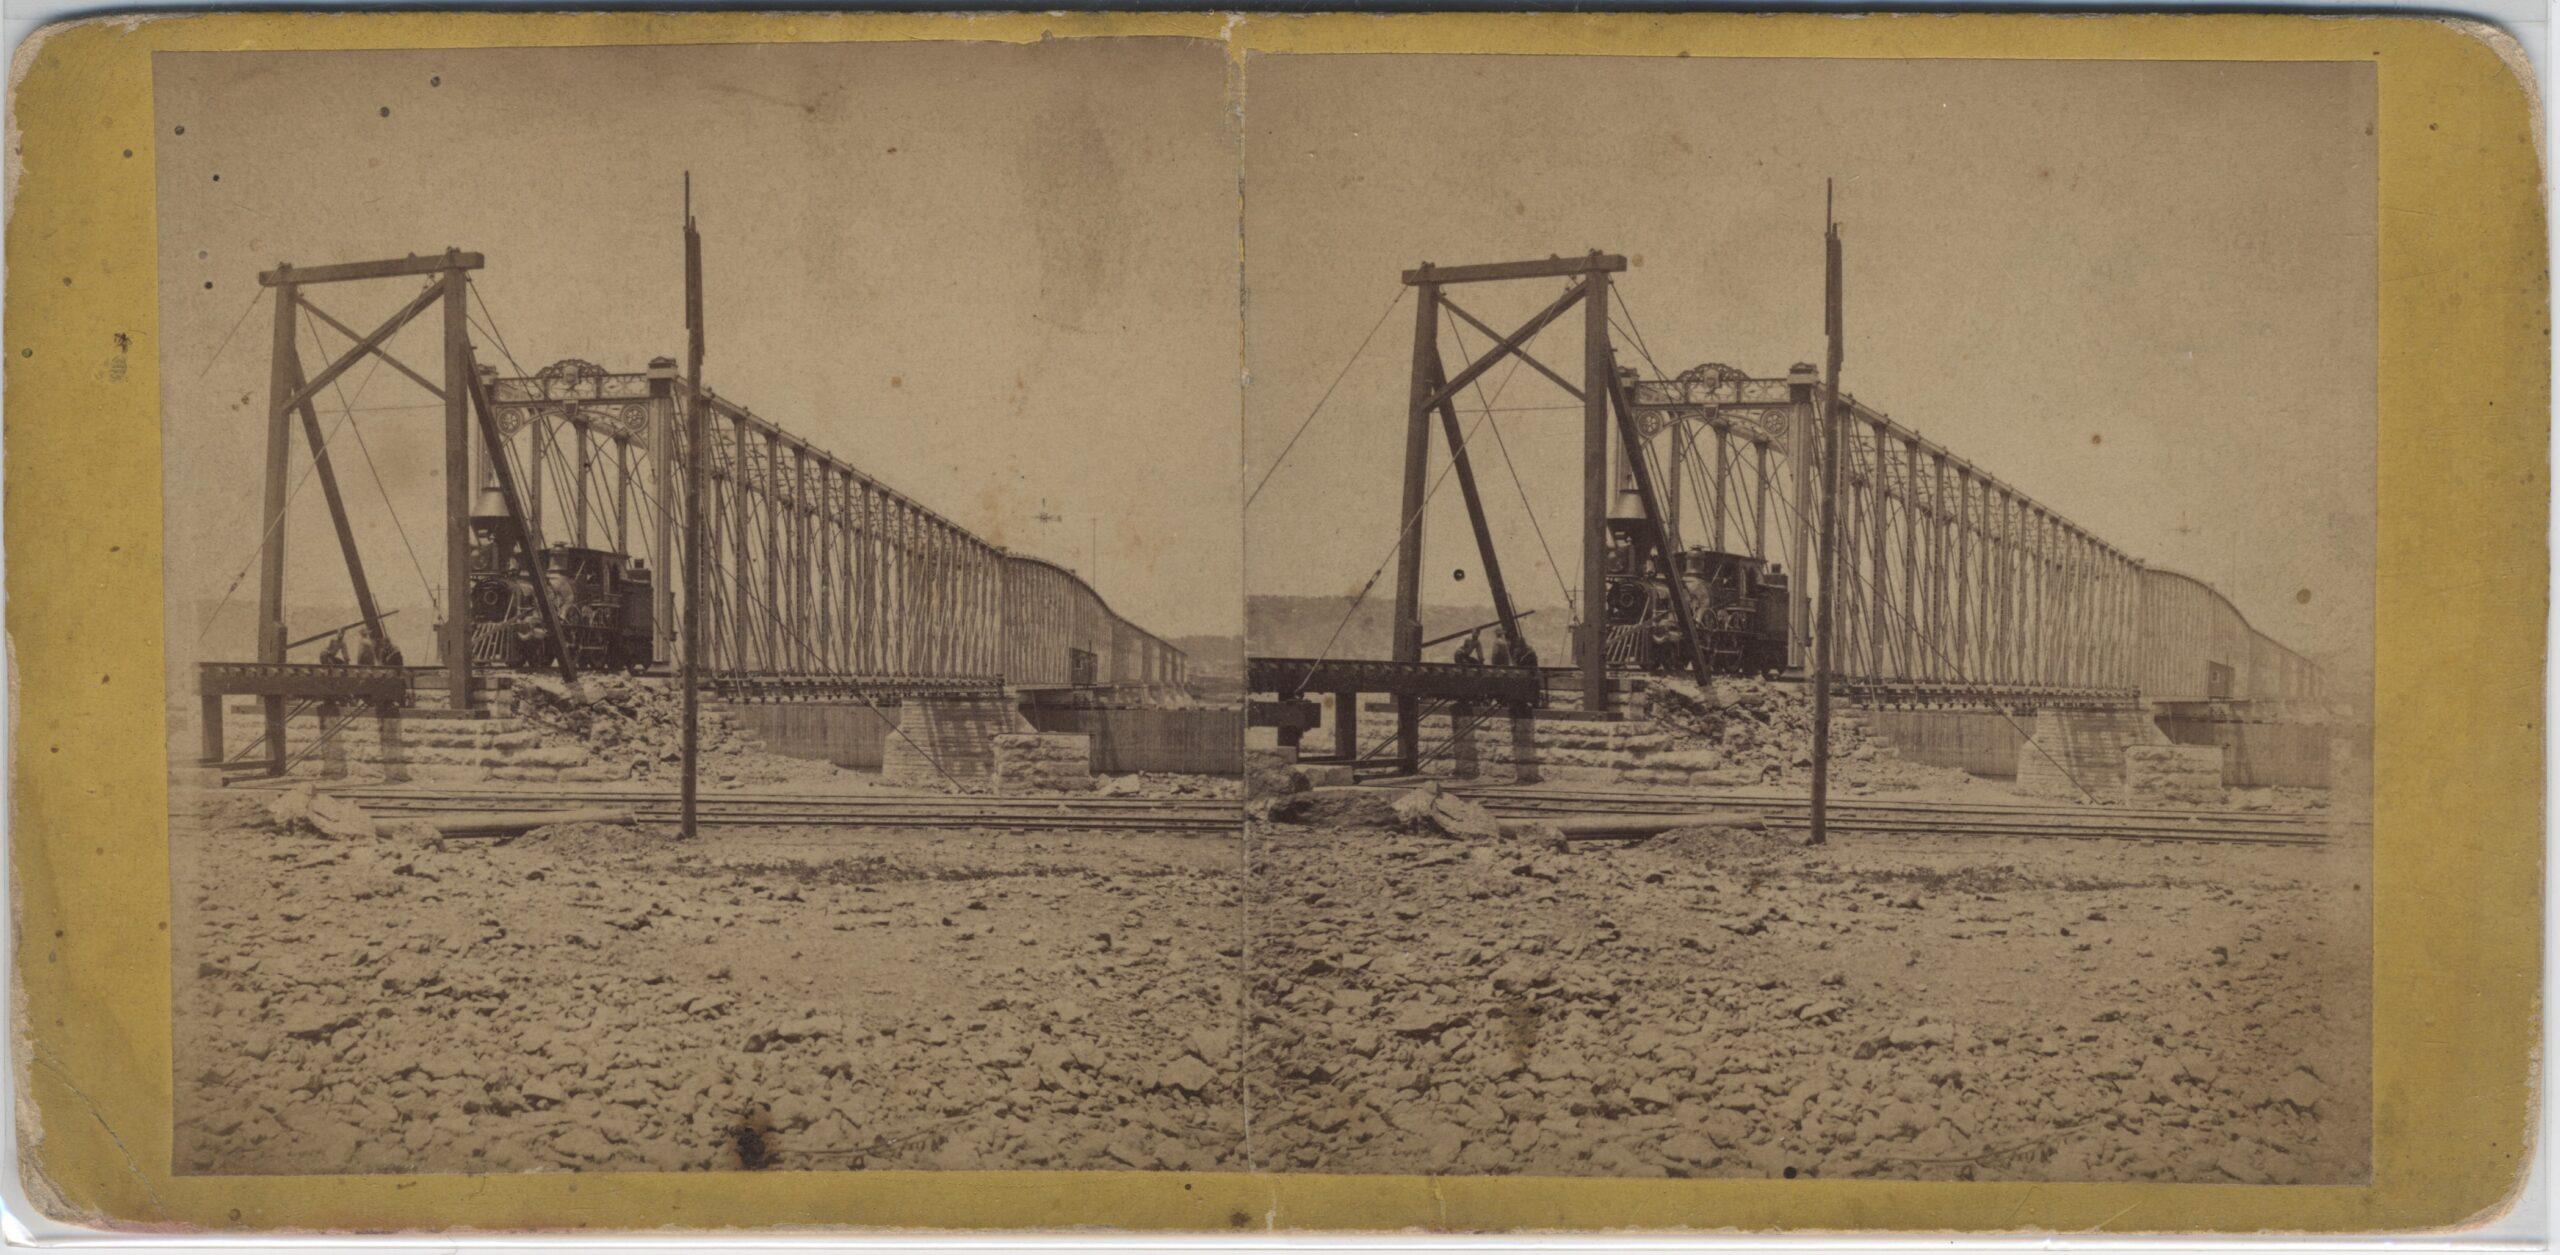 LJTP 100.239 - S. Root - Dunleith & Dubuque RR Bridge - 1869